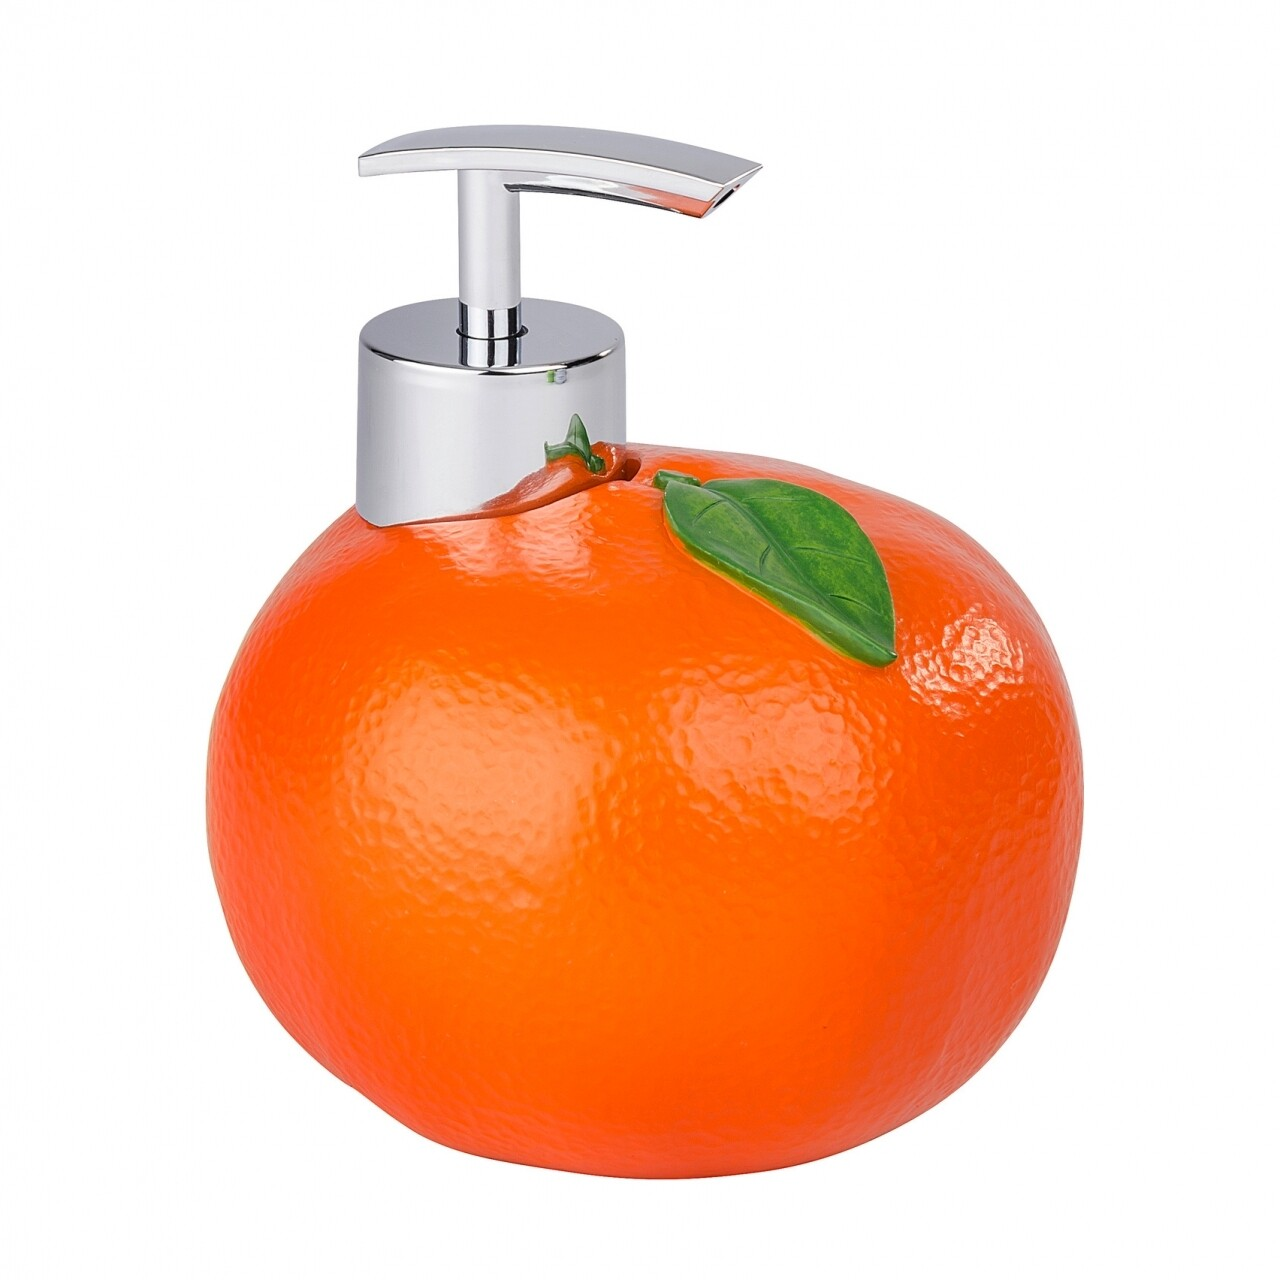 Dozator sapun Orange, Wenko, 11 x 12 cm, polirasina/ABS, portocaliu